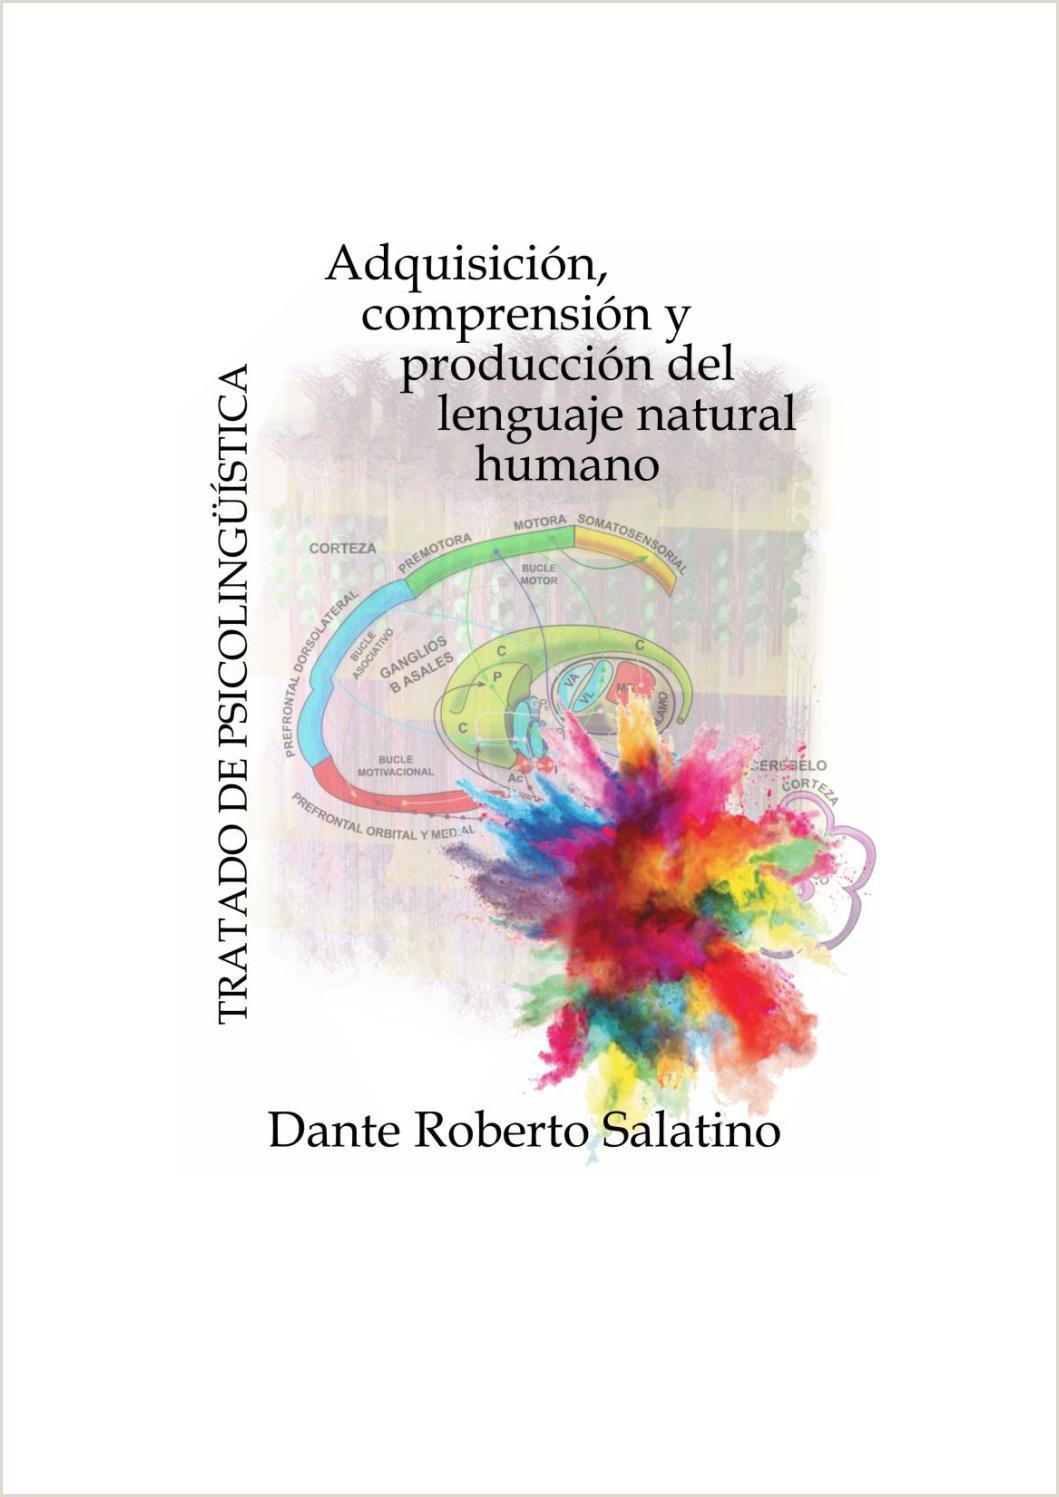 Como Hacer Una Hoja De Vida Cuando No Hay Experiencia Tratado De Psicolingüstica by Dante Salatino issuu